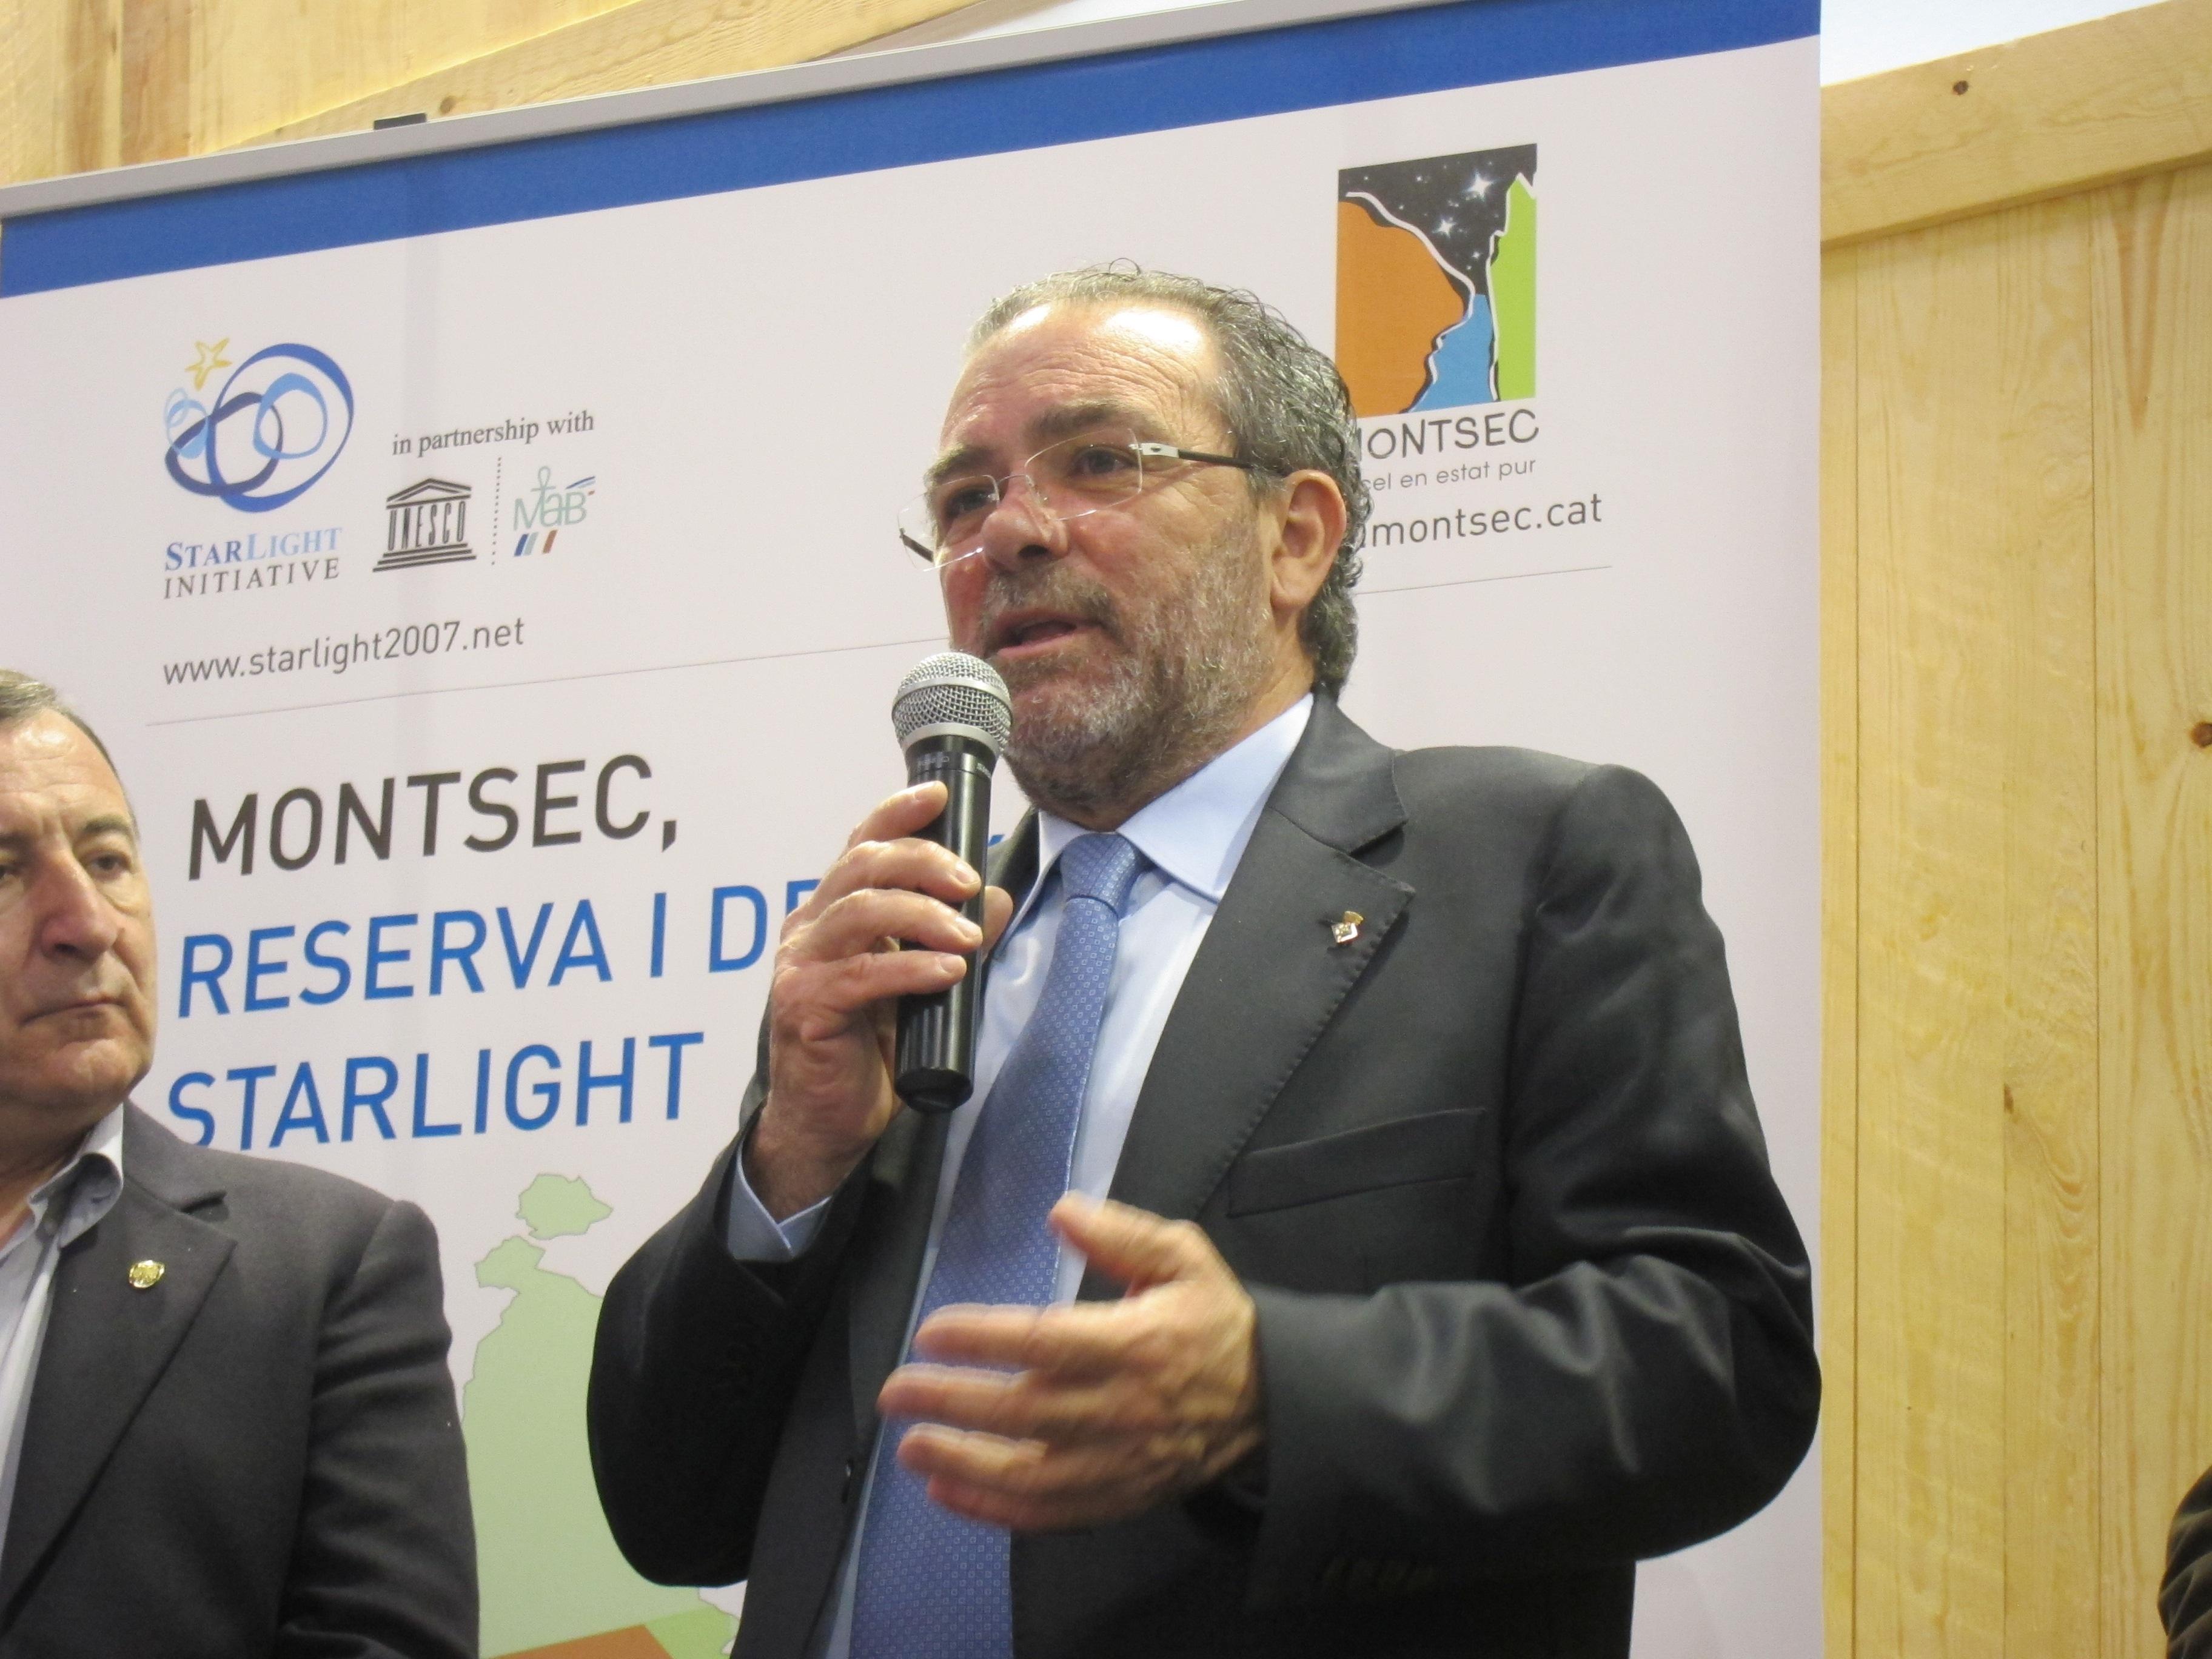 La Diputación de Lleida cuestiona los costes estándar que plantea la ley de régimen local